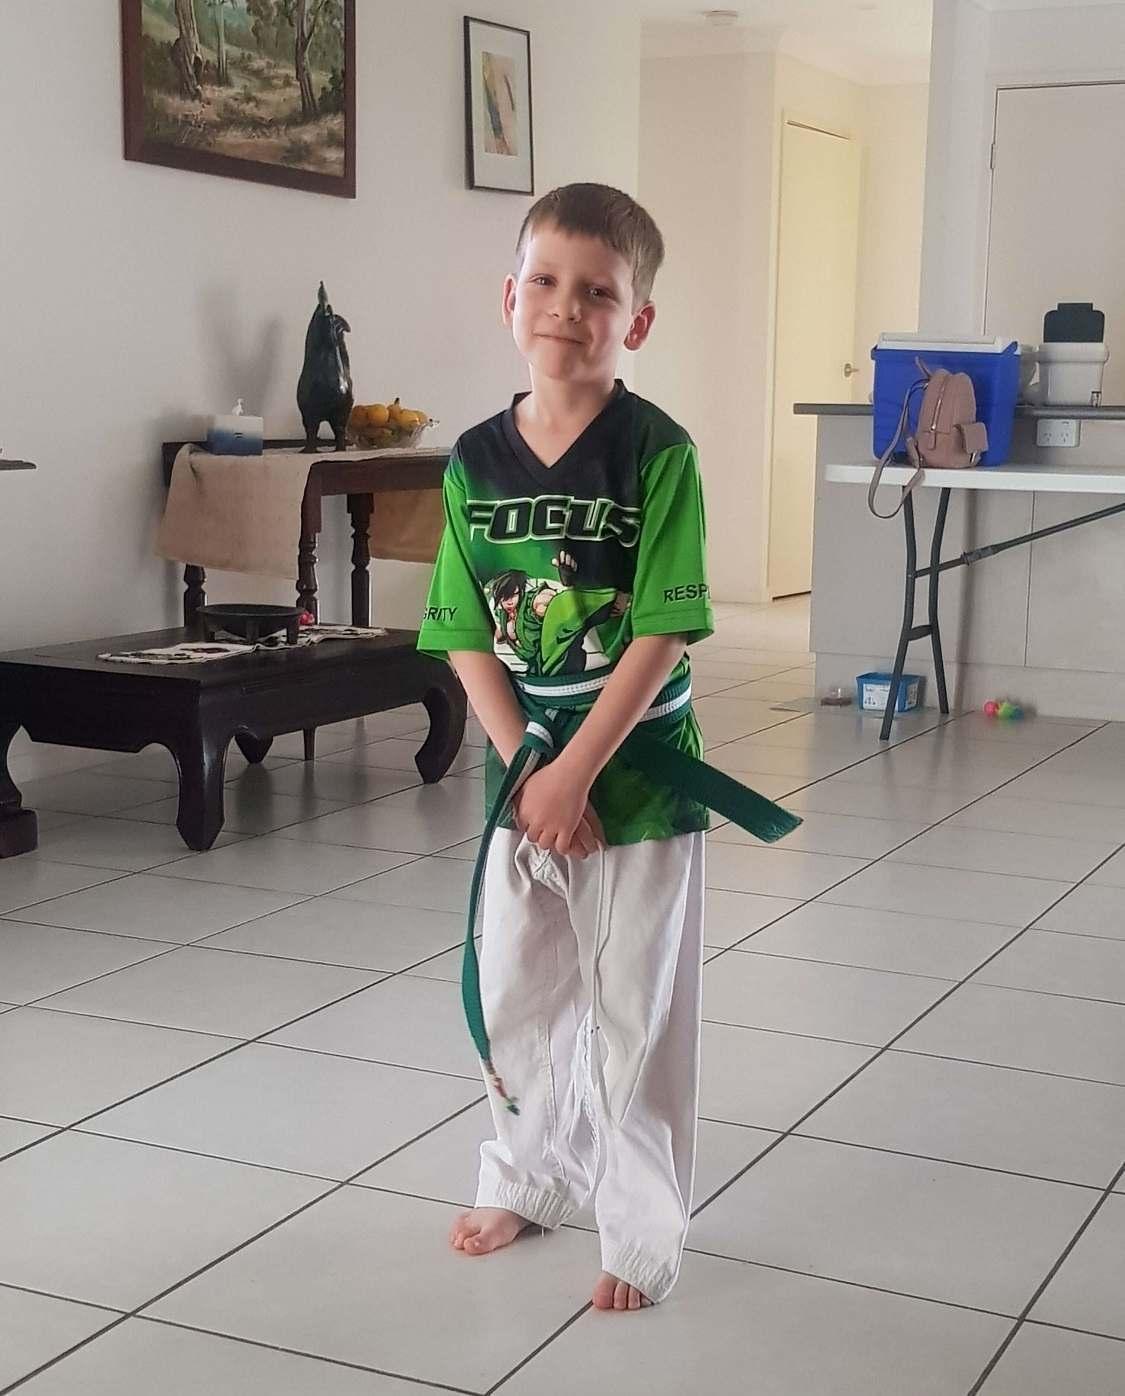 Webp.net Resizeimage 2, Oceanic Martial Arts Academy Townsville Queensland